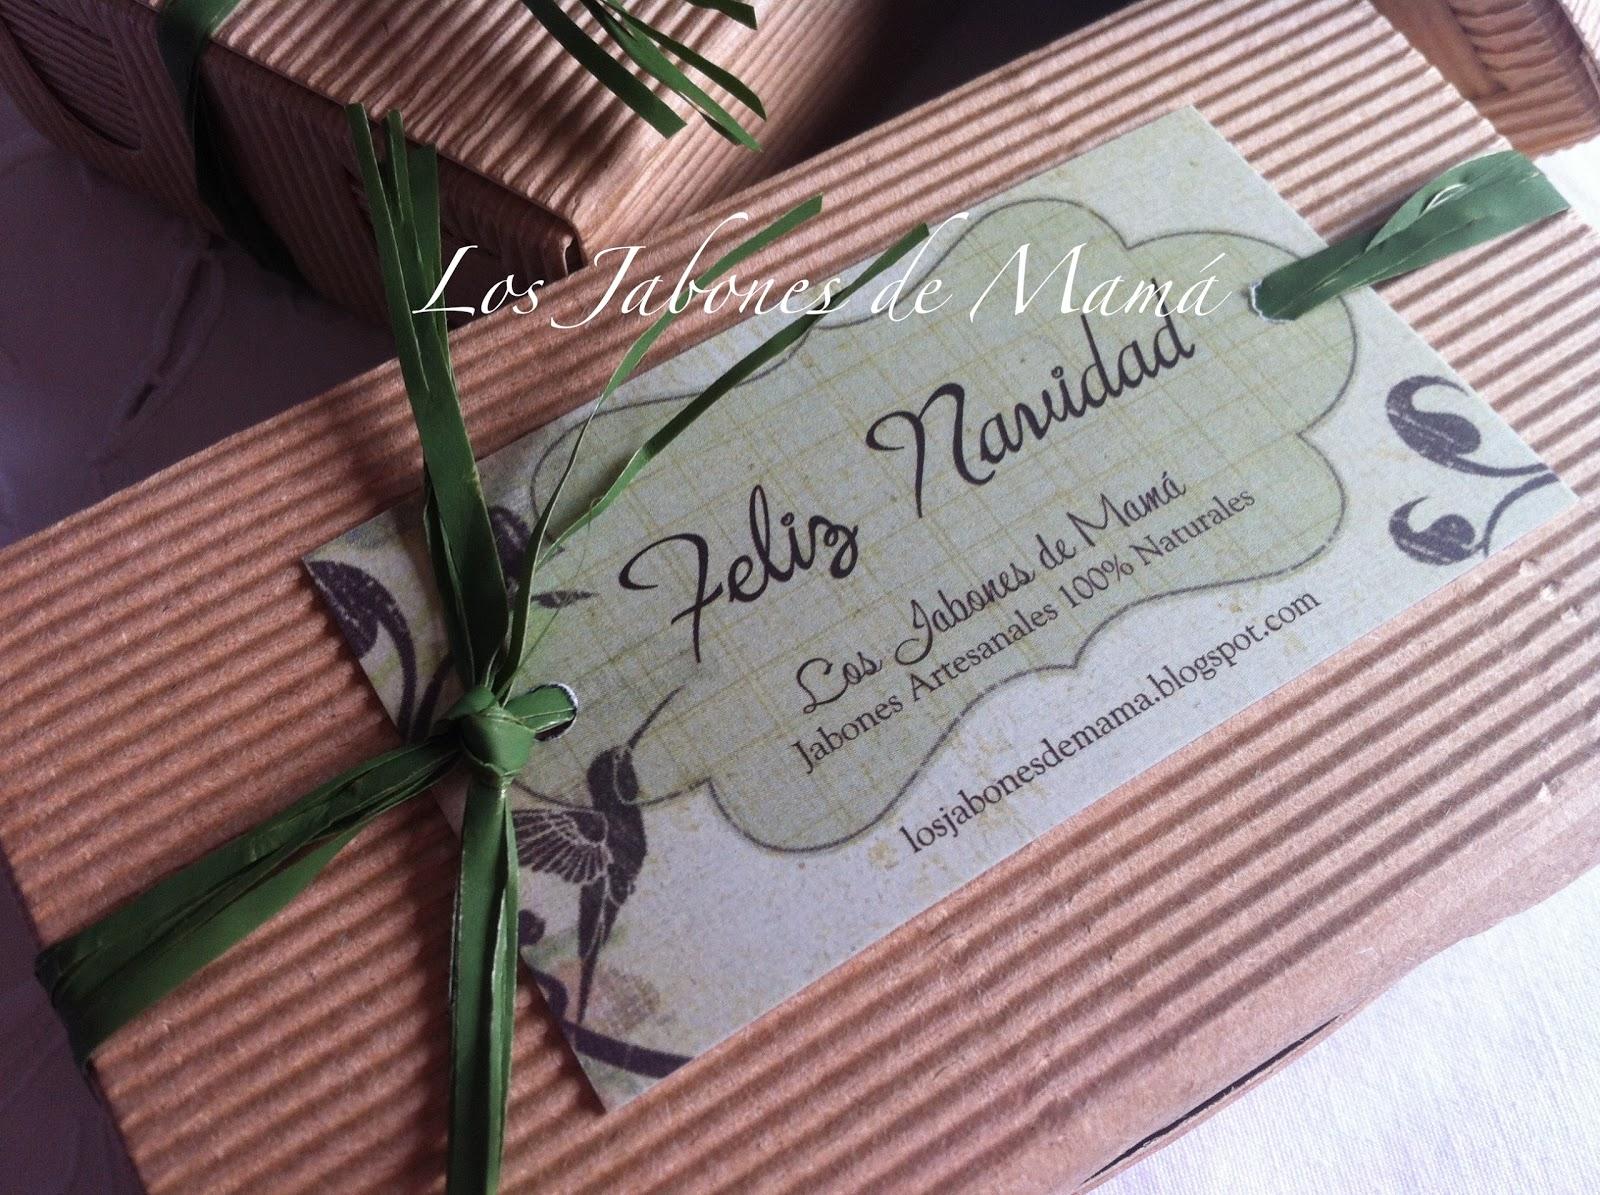 Los jabones de mam regalos de navidad caja cart n ondulado - Cajas de carton de navidad ...